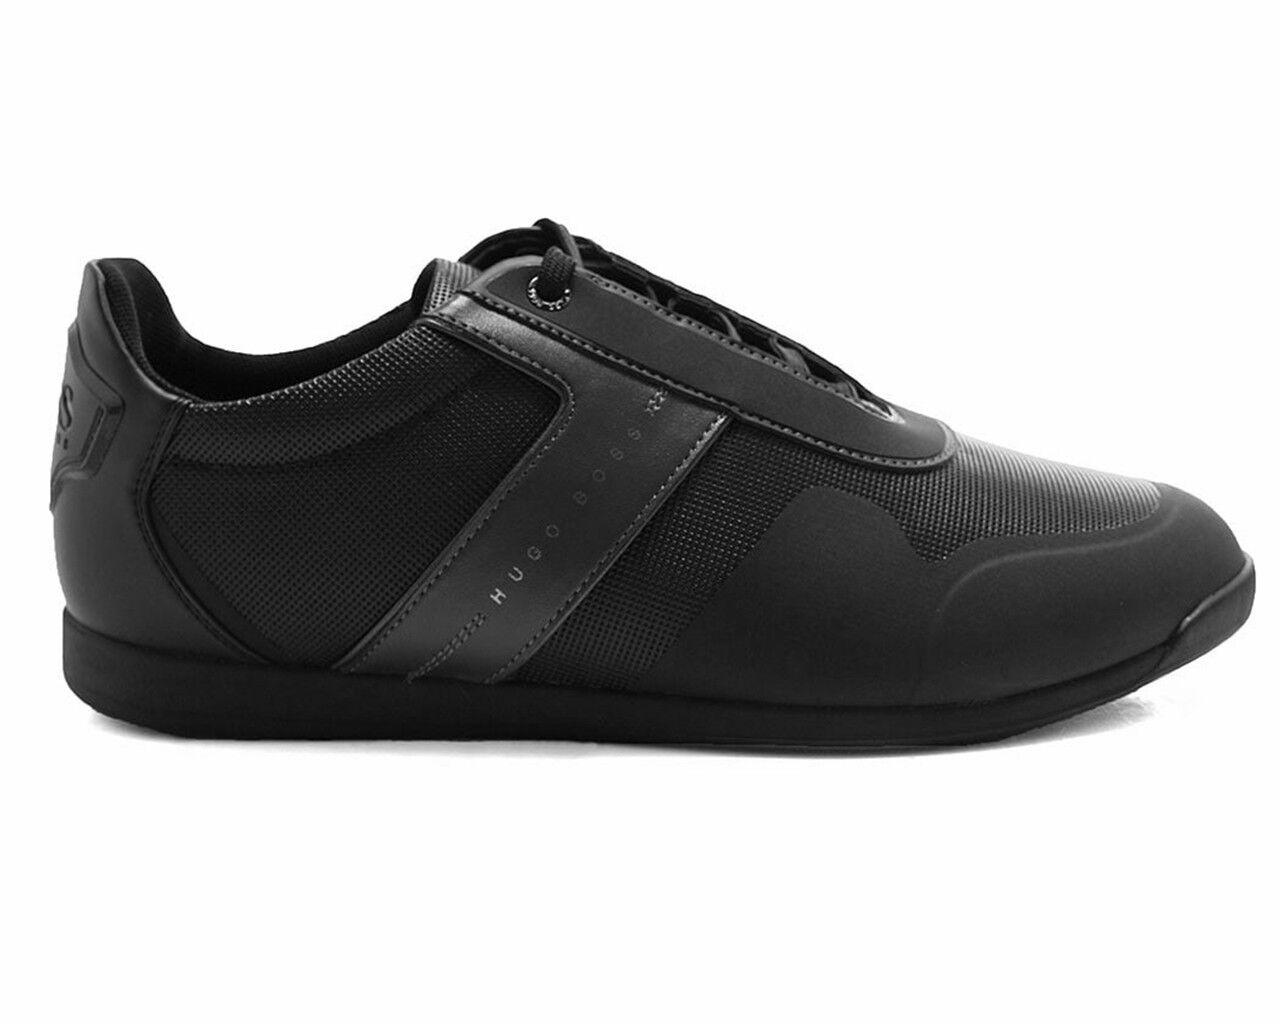 HUGO BOSS VERDE 001 LABERINTO lowp iux 50385568 001 VERDE Zapatillas Hombre Zapatos negros 80ecfc